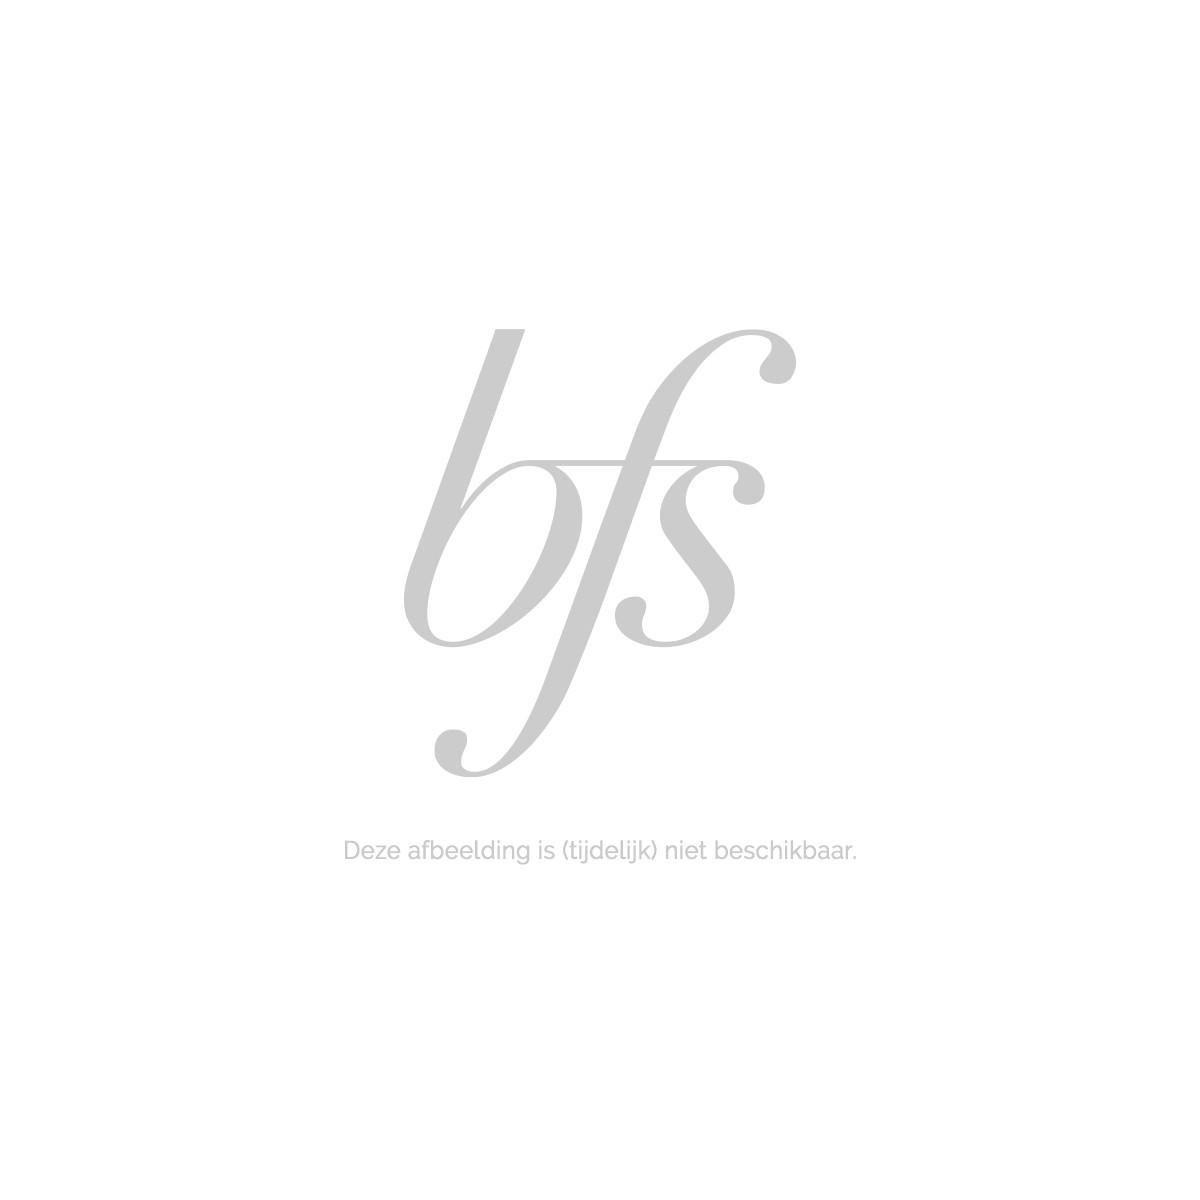 Givenchy Very Irresistible For Women Eau De Parfum Spray 30 Ml